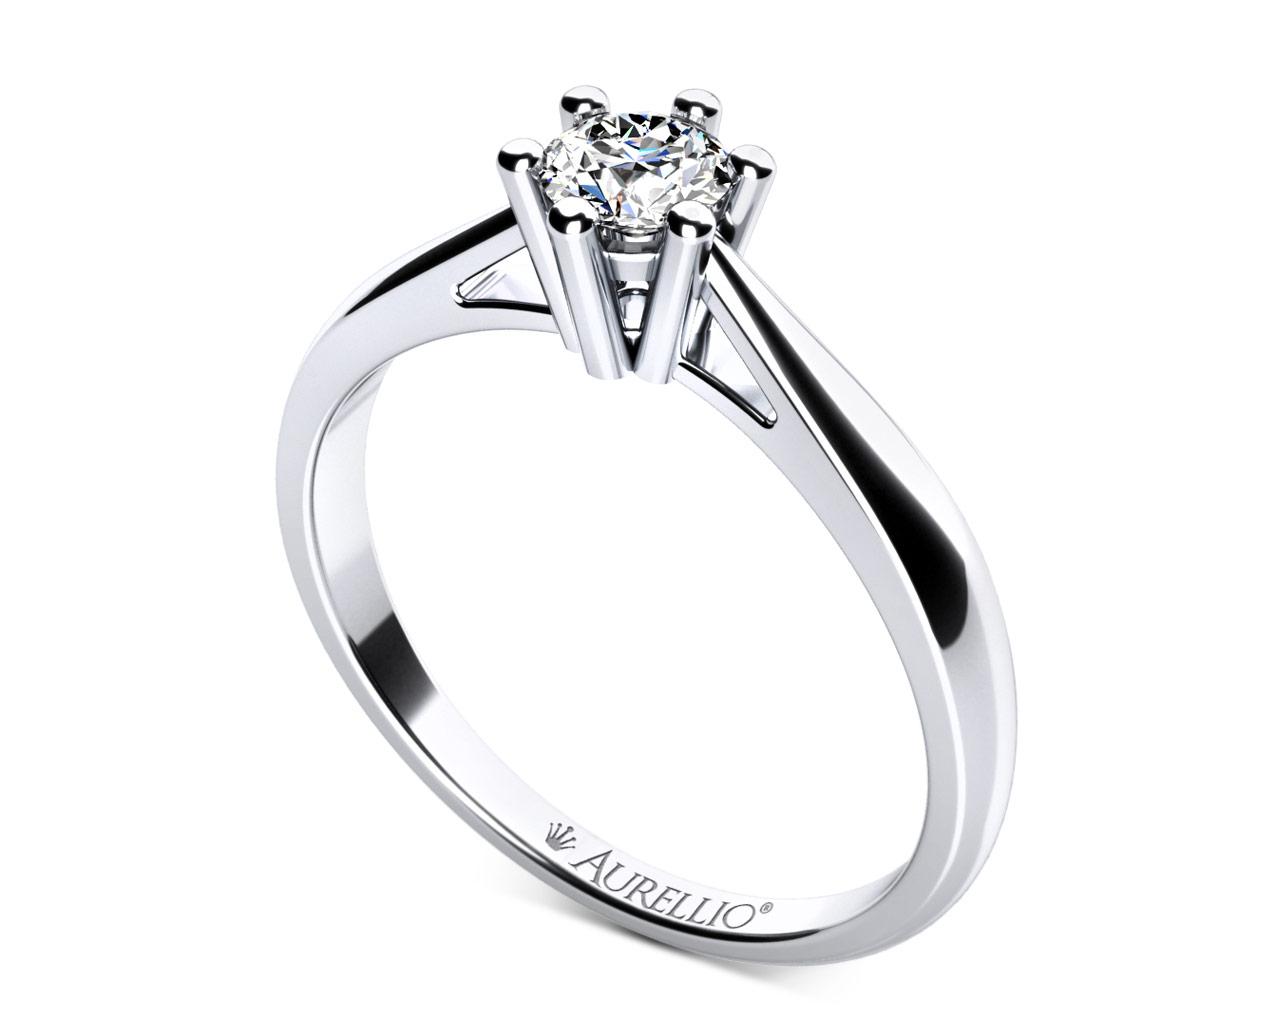 Zásnubní prsten - Hvězda Bellatrix 1. fotka